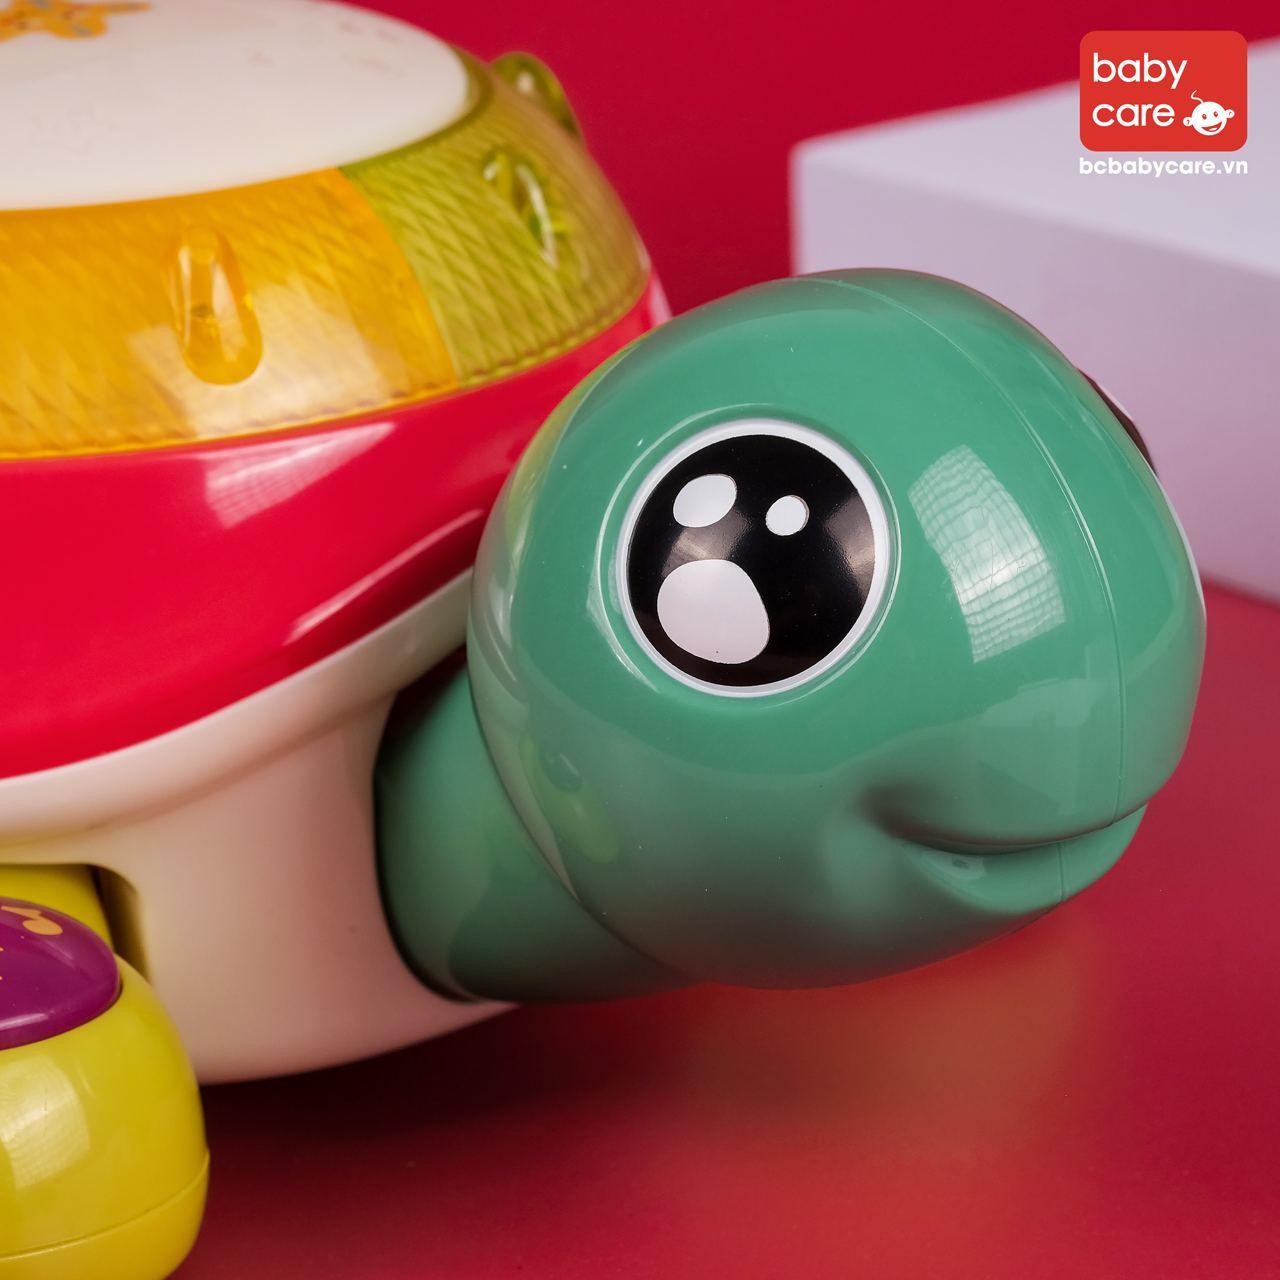 Bộ đồ chơi chú rùa đa năng BC7709